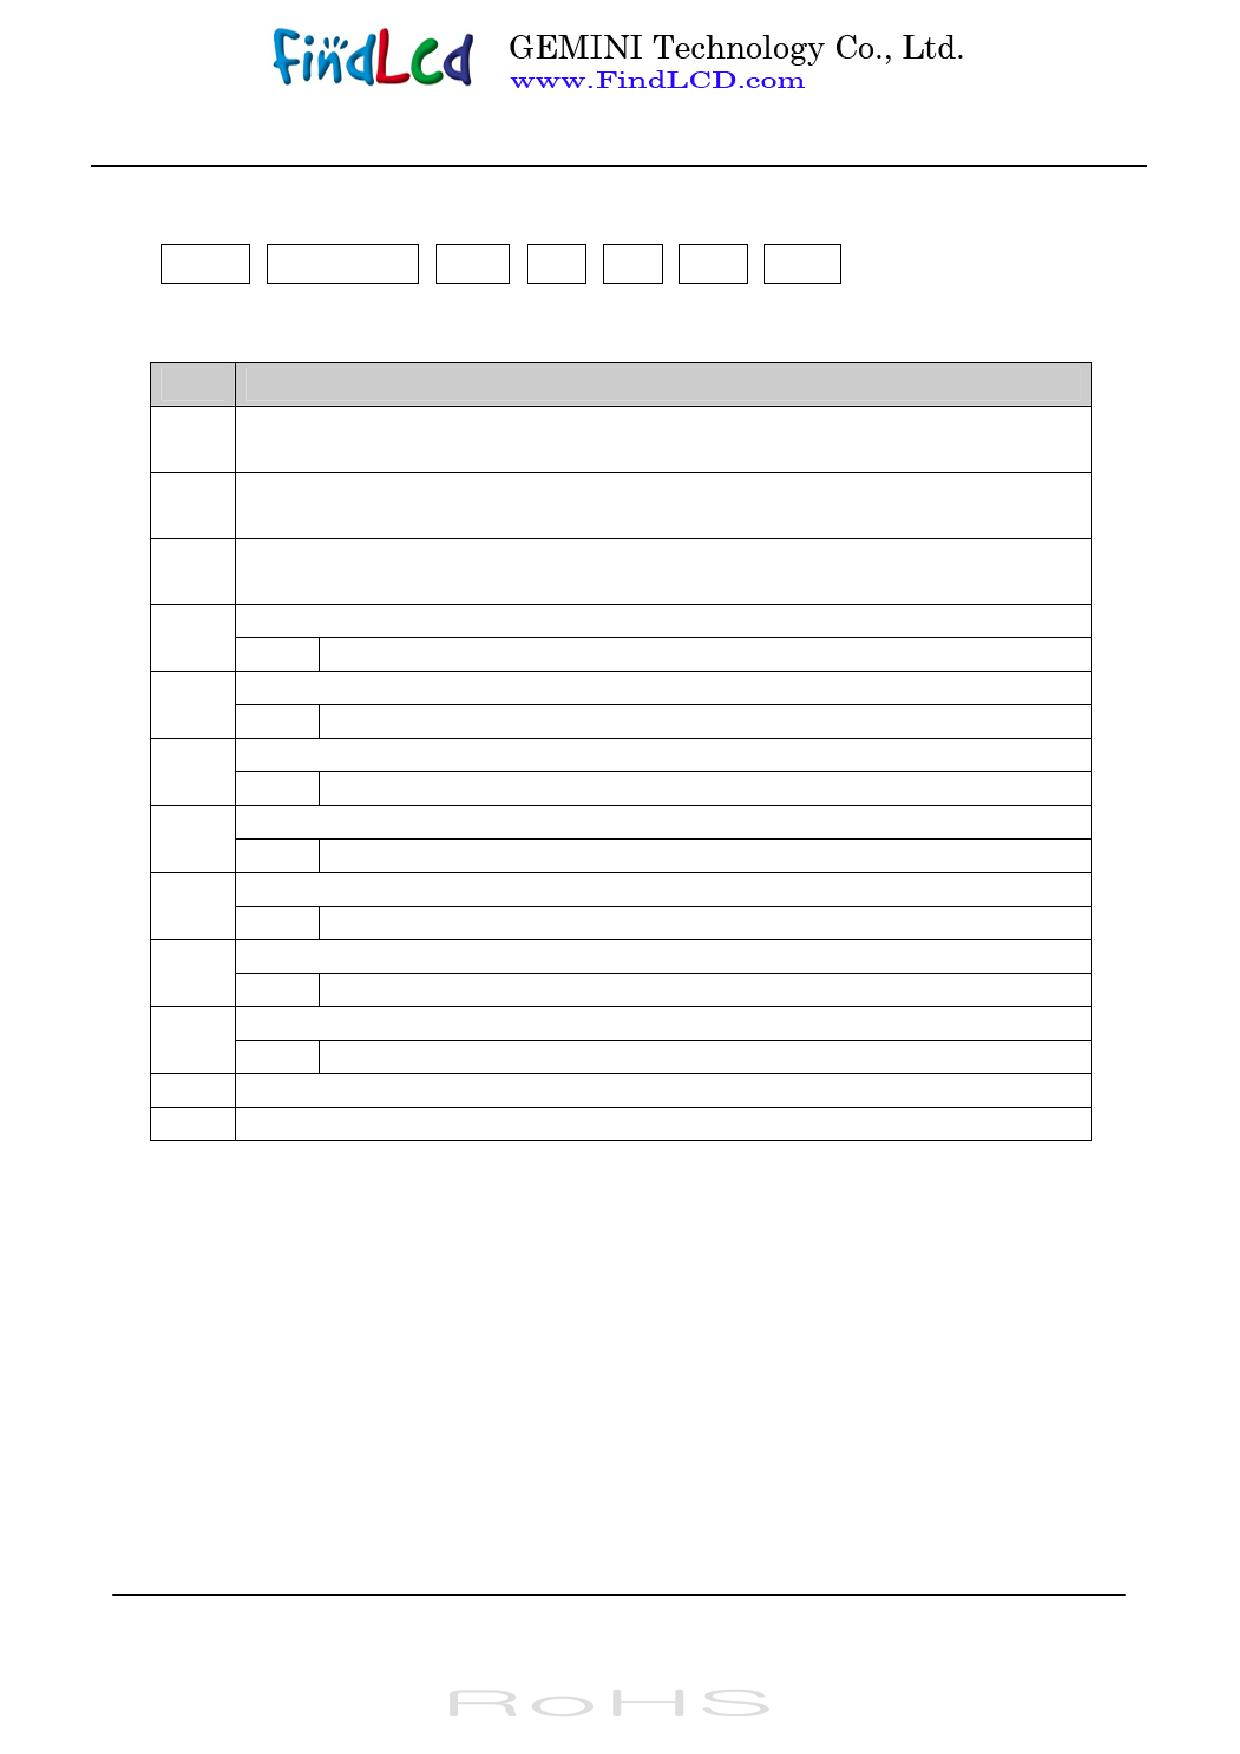 TM128128B2CCWG pdf, 반도체, 판매, 대치품